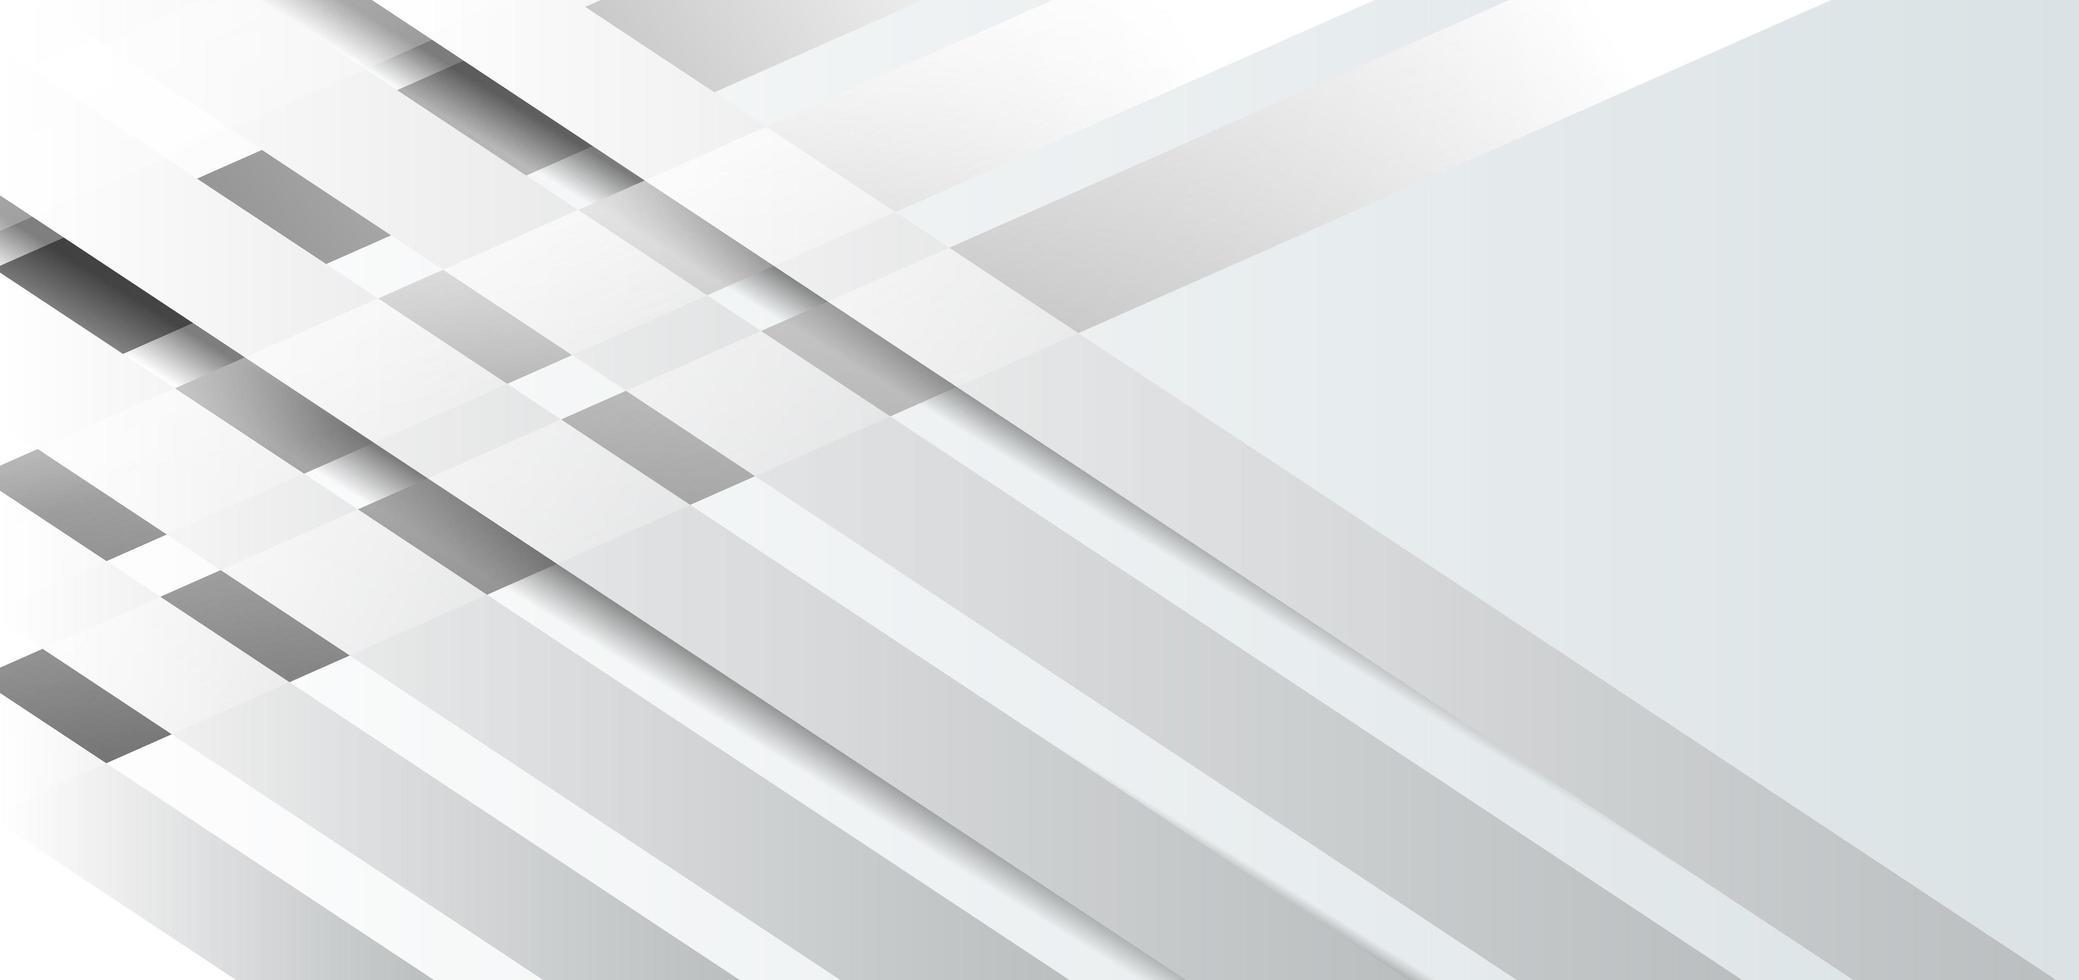 modello astratto bianco e grigio elementi diagonali vettore